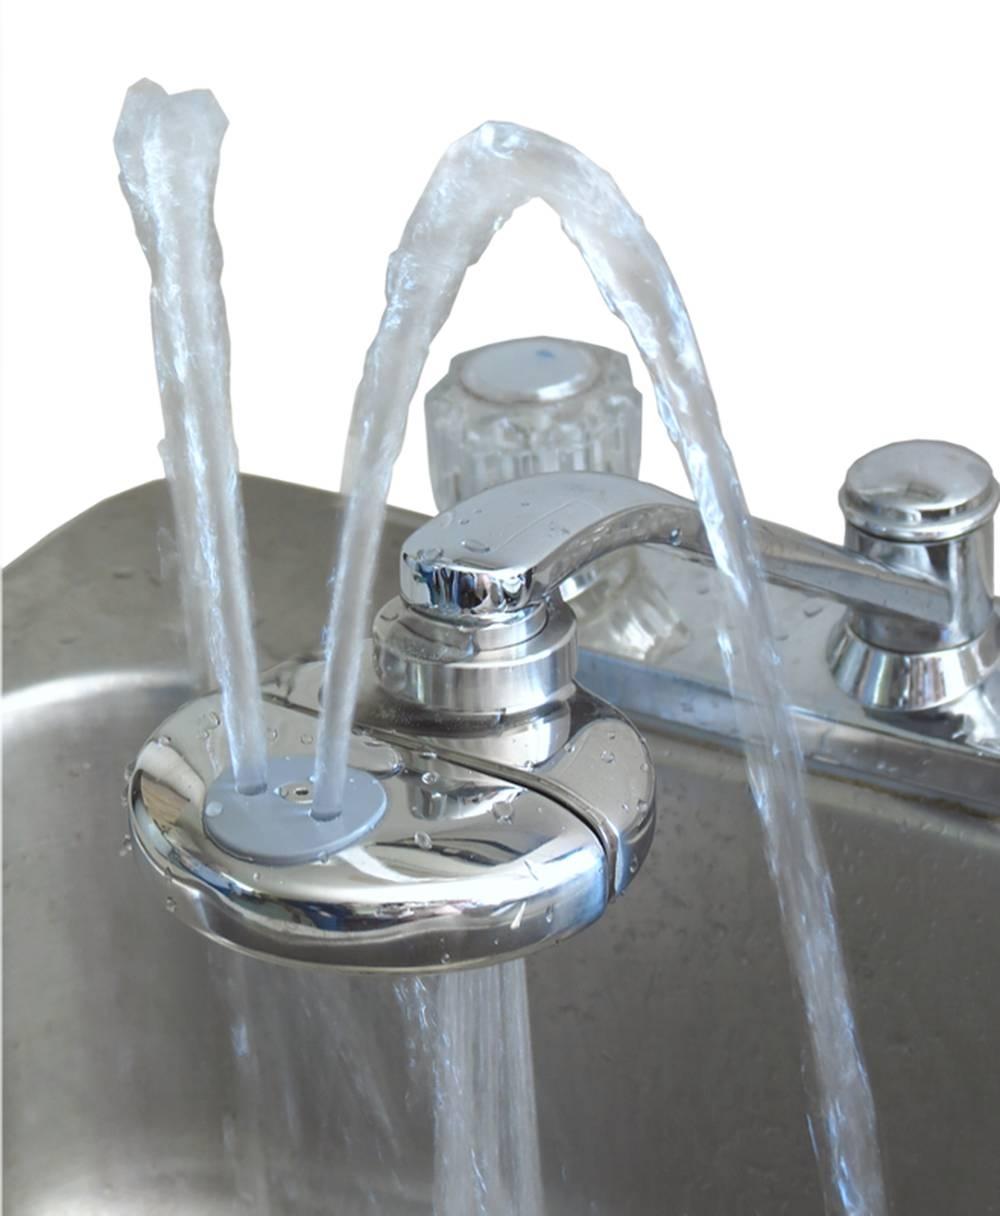 Ideas, guardian faucet mount eyewash guardian faucet mount eyewash faucet mounted eyewash station 1000 x 1216  .